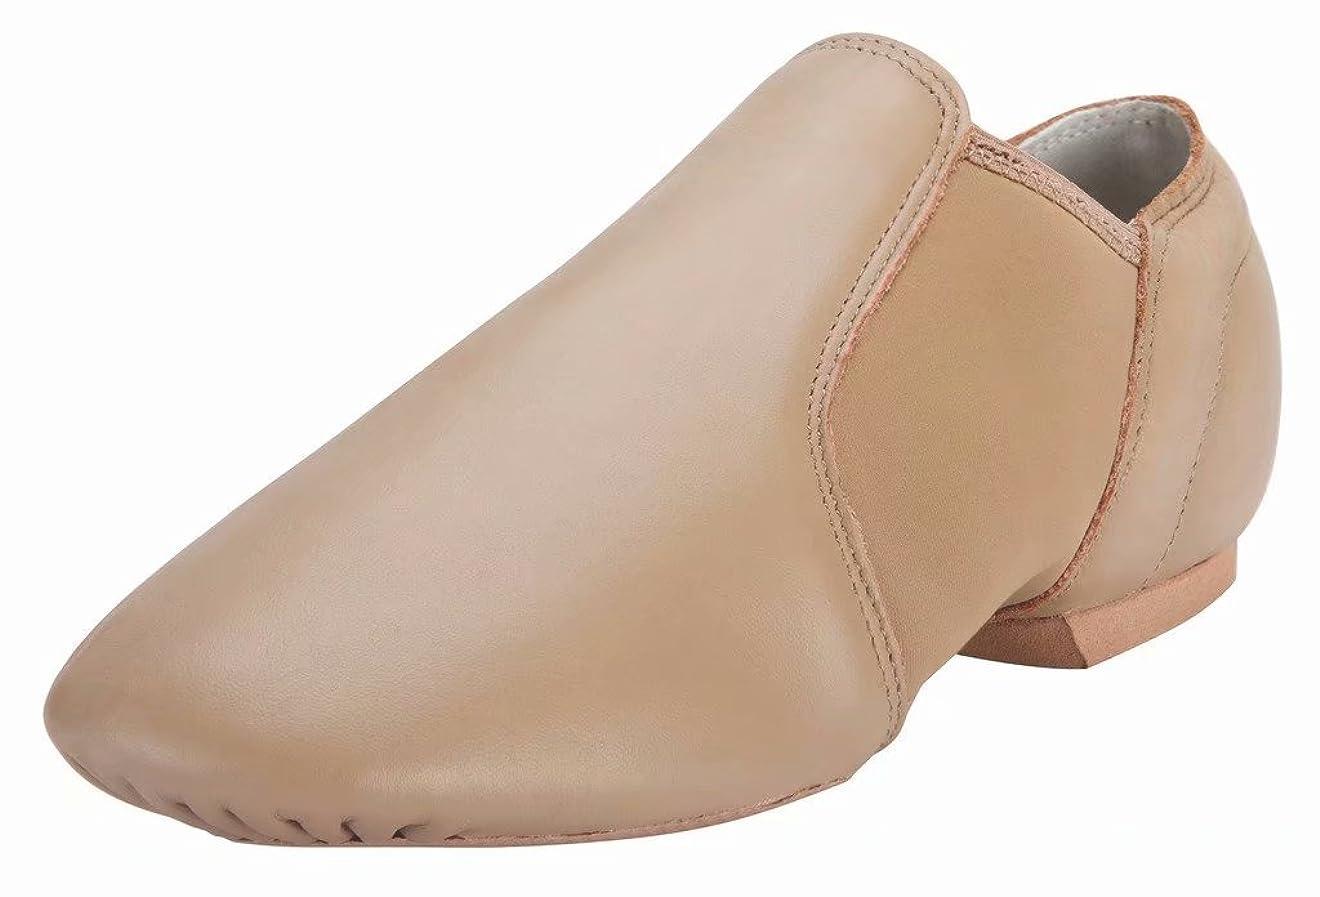 セーブ腐食する抵当[Linodes] ジャズシューズ ダンスシューズ 子供 女性 ダンス ジャズダンスシューズ